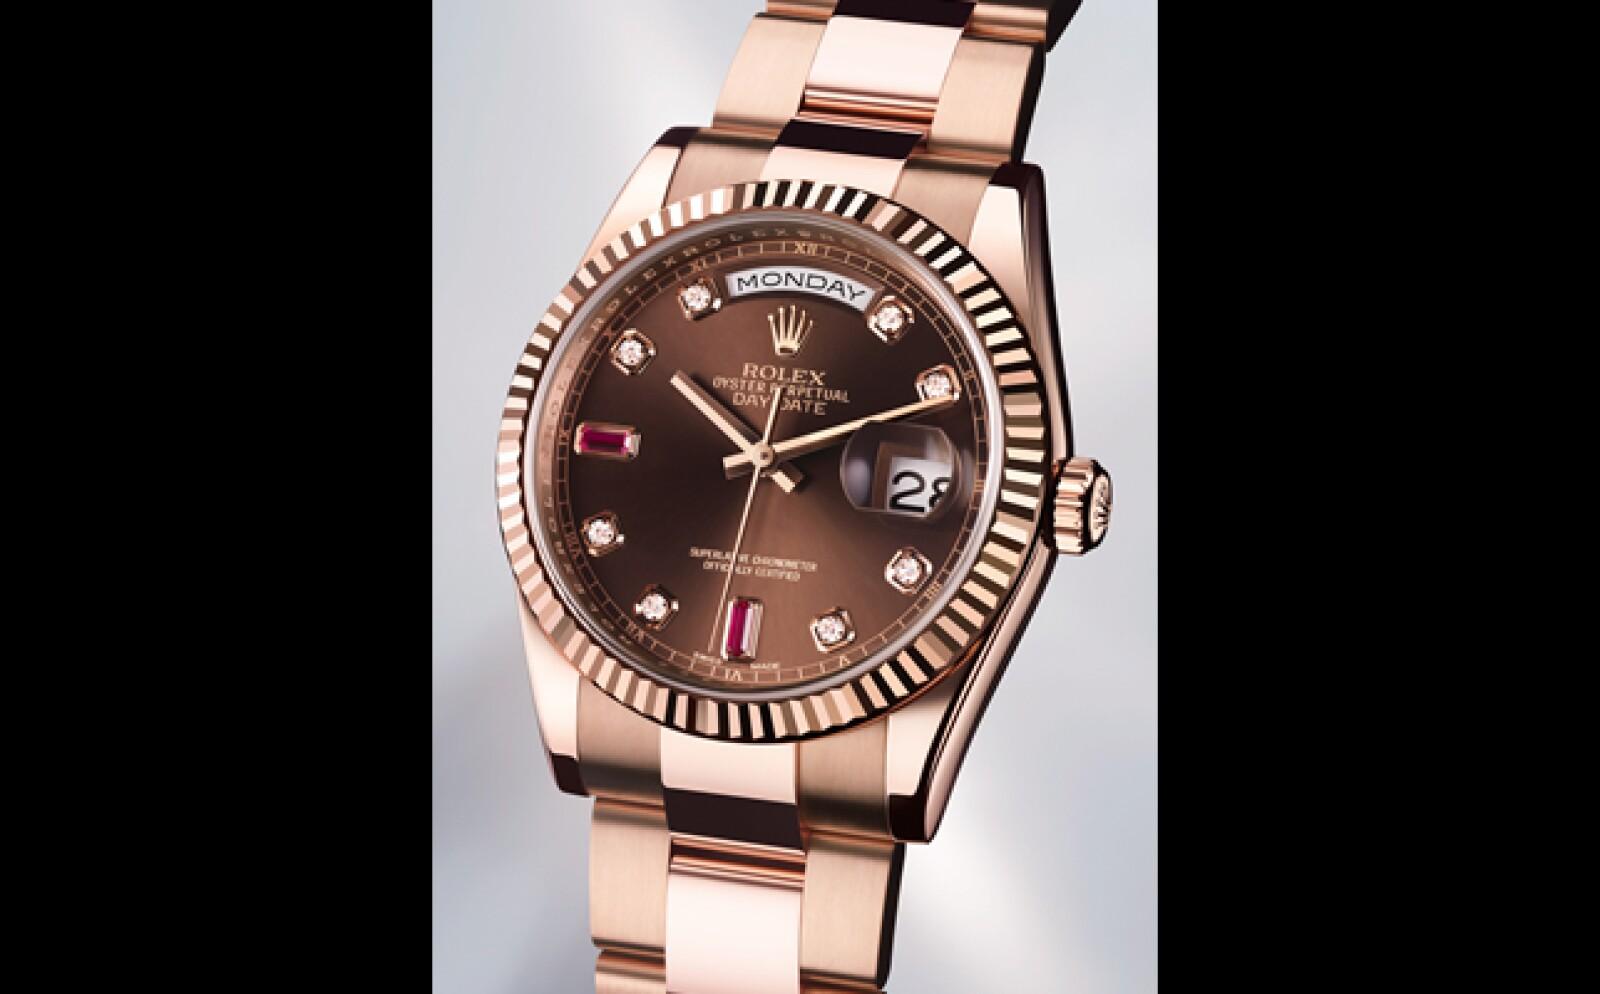 Desde su creación en 1956 este reloj fue el primero en desplegar de manera completa el nombre del día de la semana en una sola ventana, toda una revolución en la industria relojera. Esta vez se presenta en oro rosa llamado Everose. Su calibre es automátic